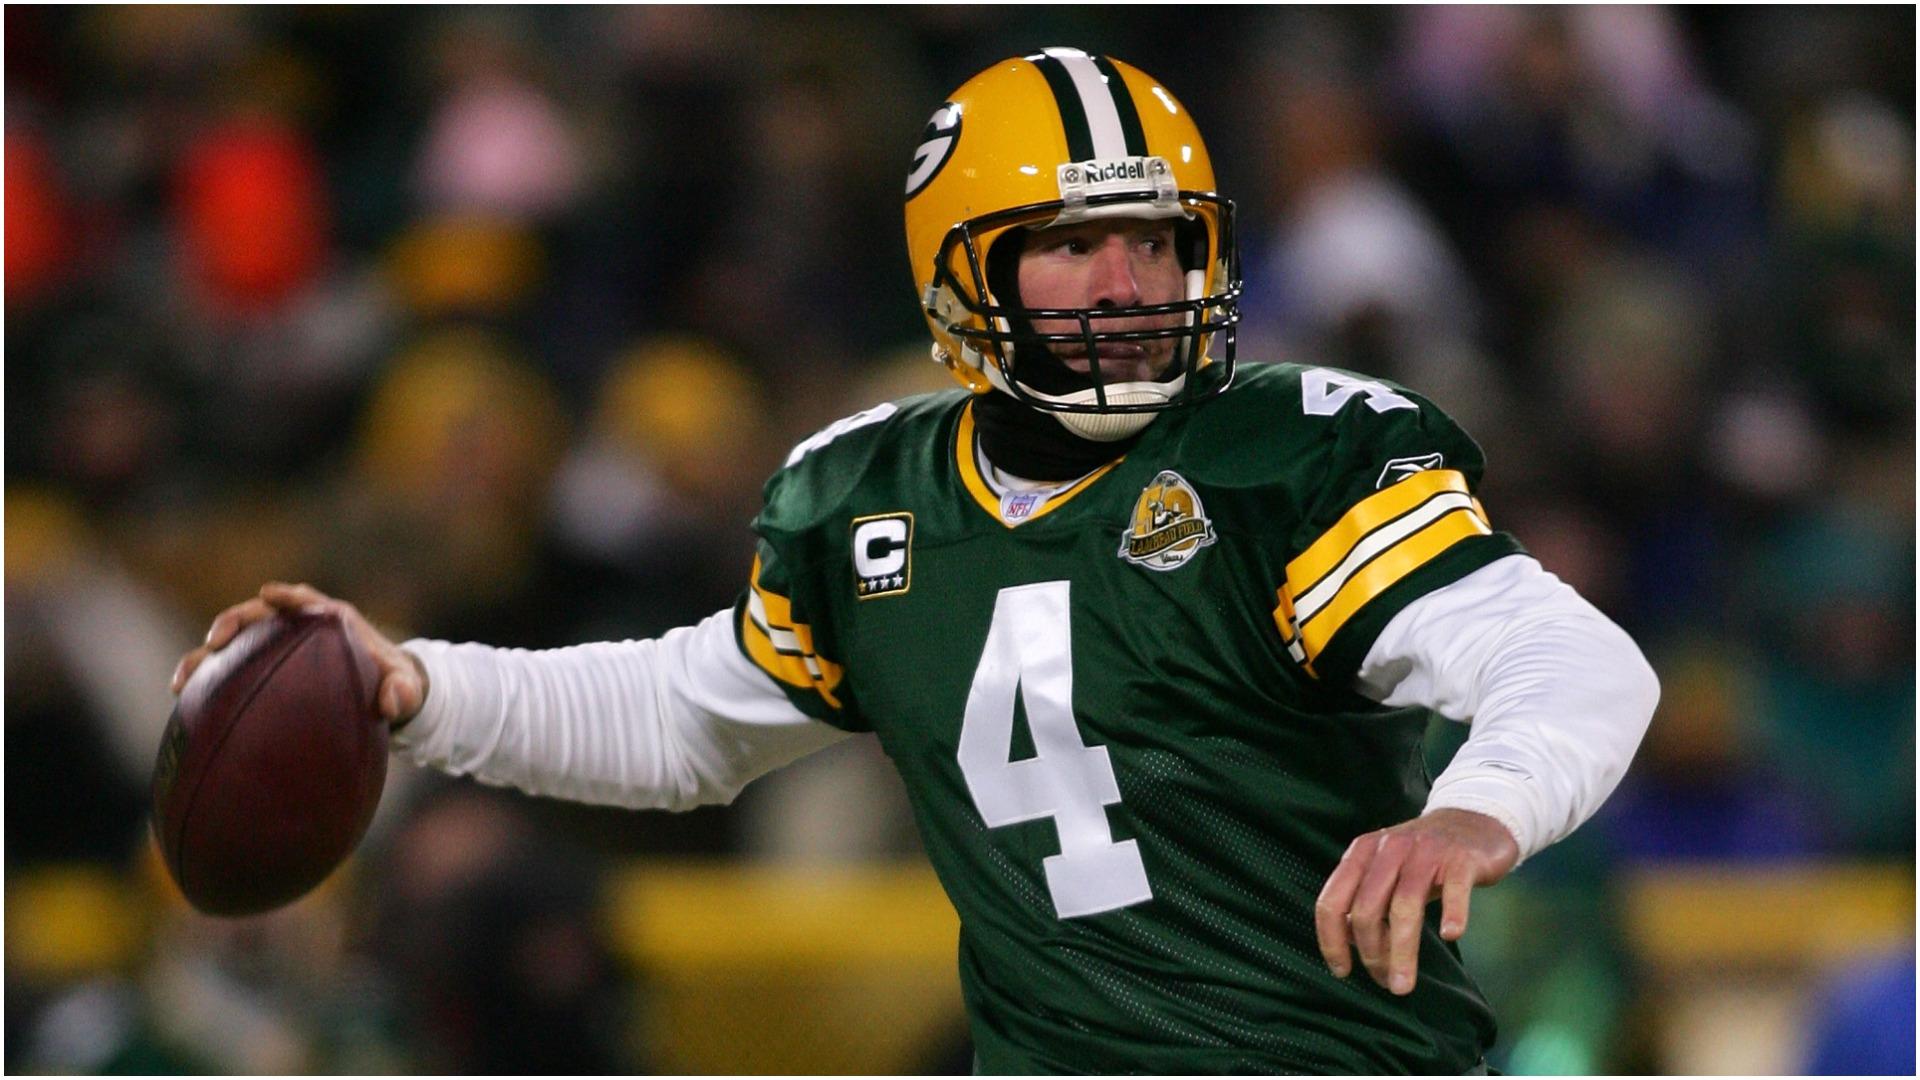 Brett Favre says he's leaving retirement, returning to NFL; social media smells something fishy